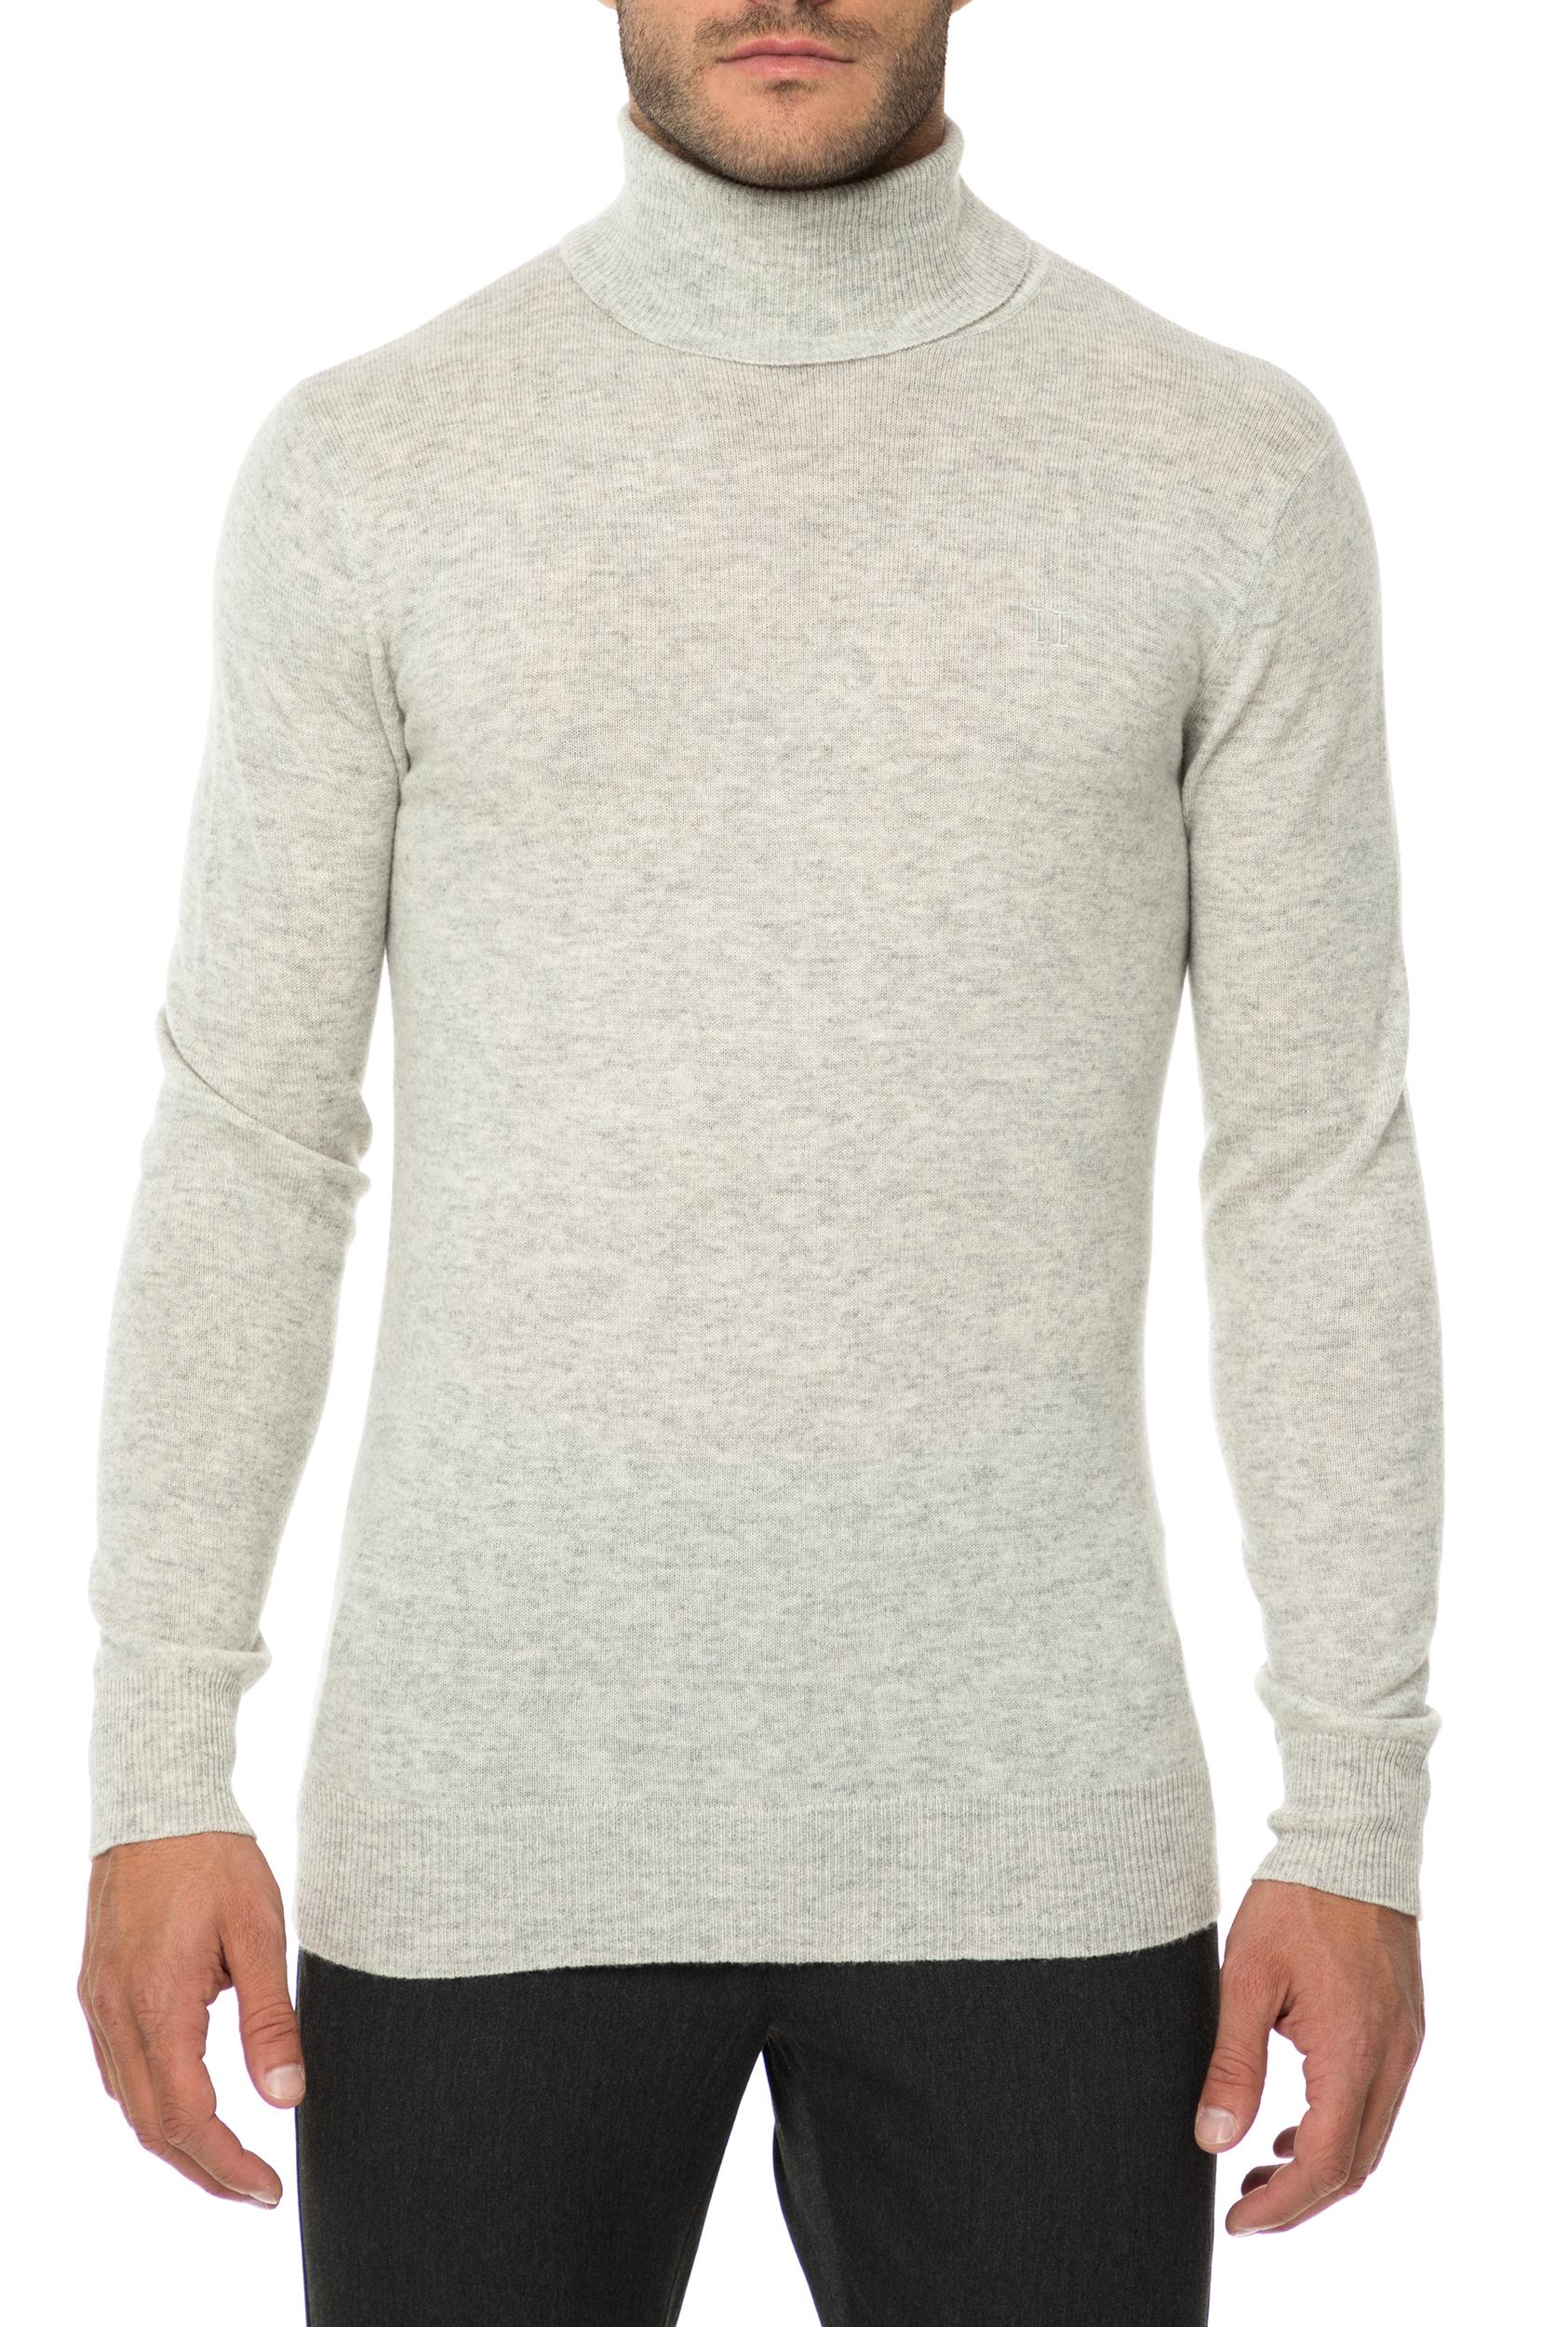 47b5ecc4ee74 LES DEUX - Ανδρική ζιβάγκο μπλούζα LES DEUX γκρι